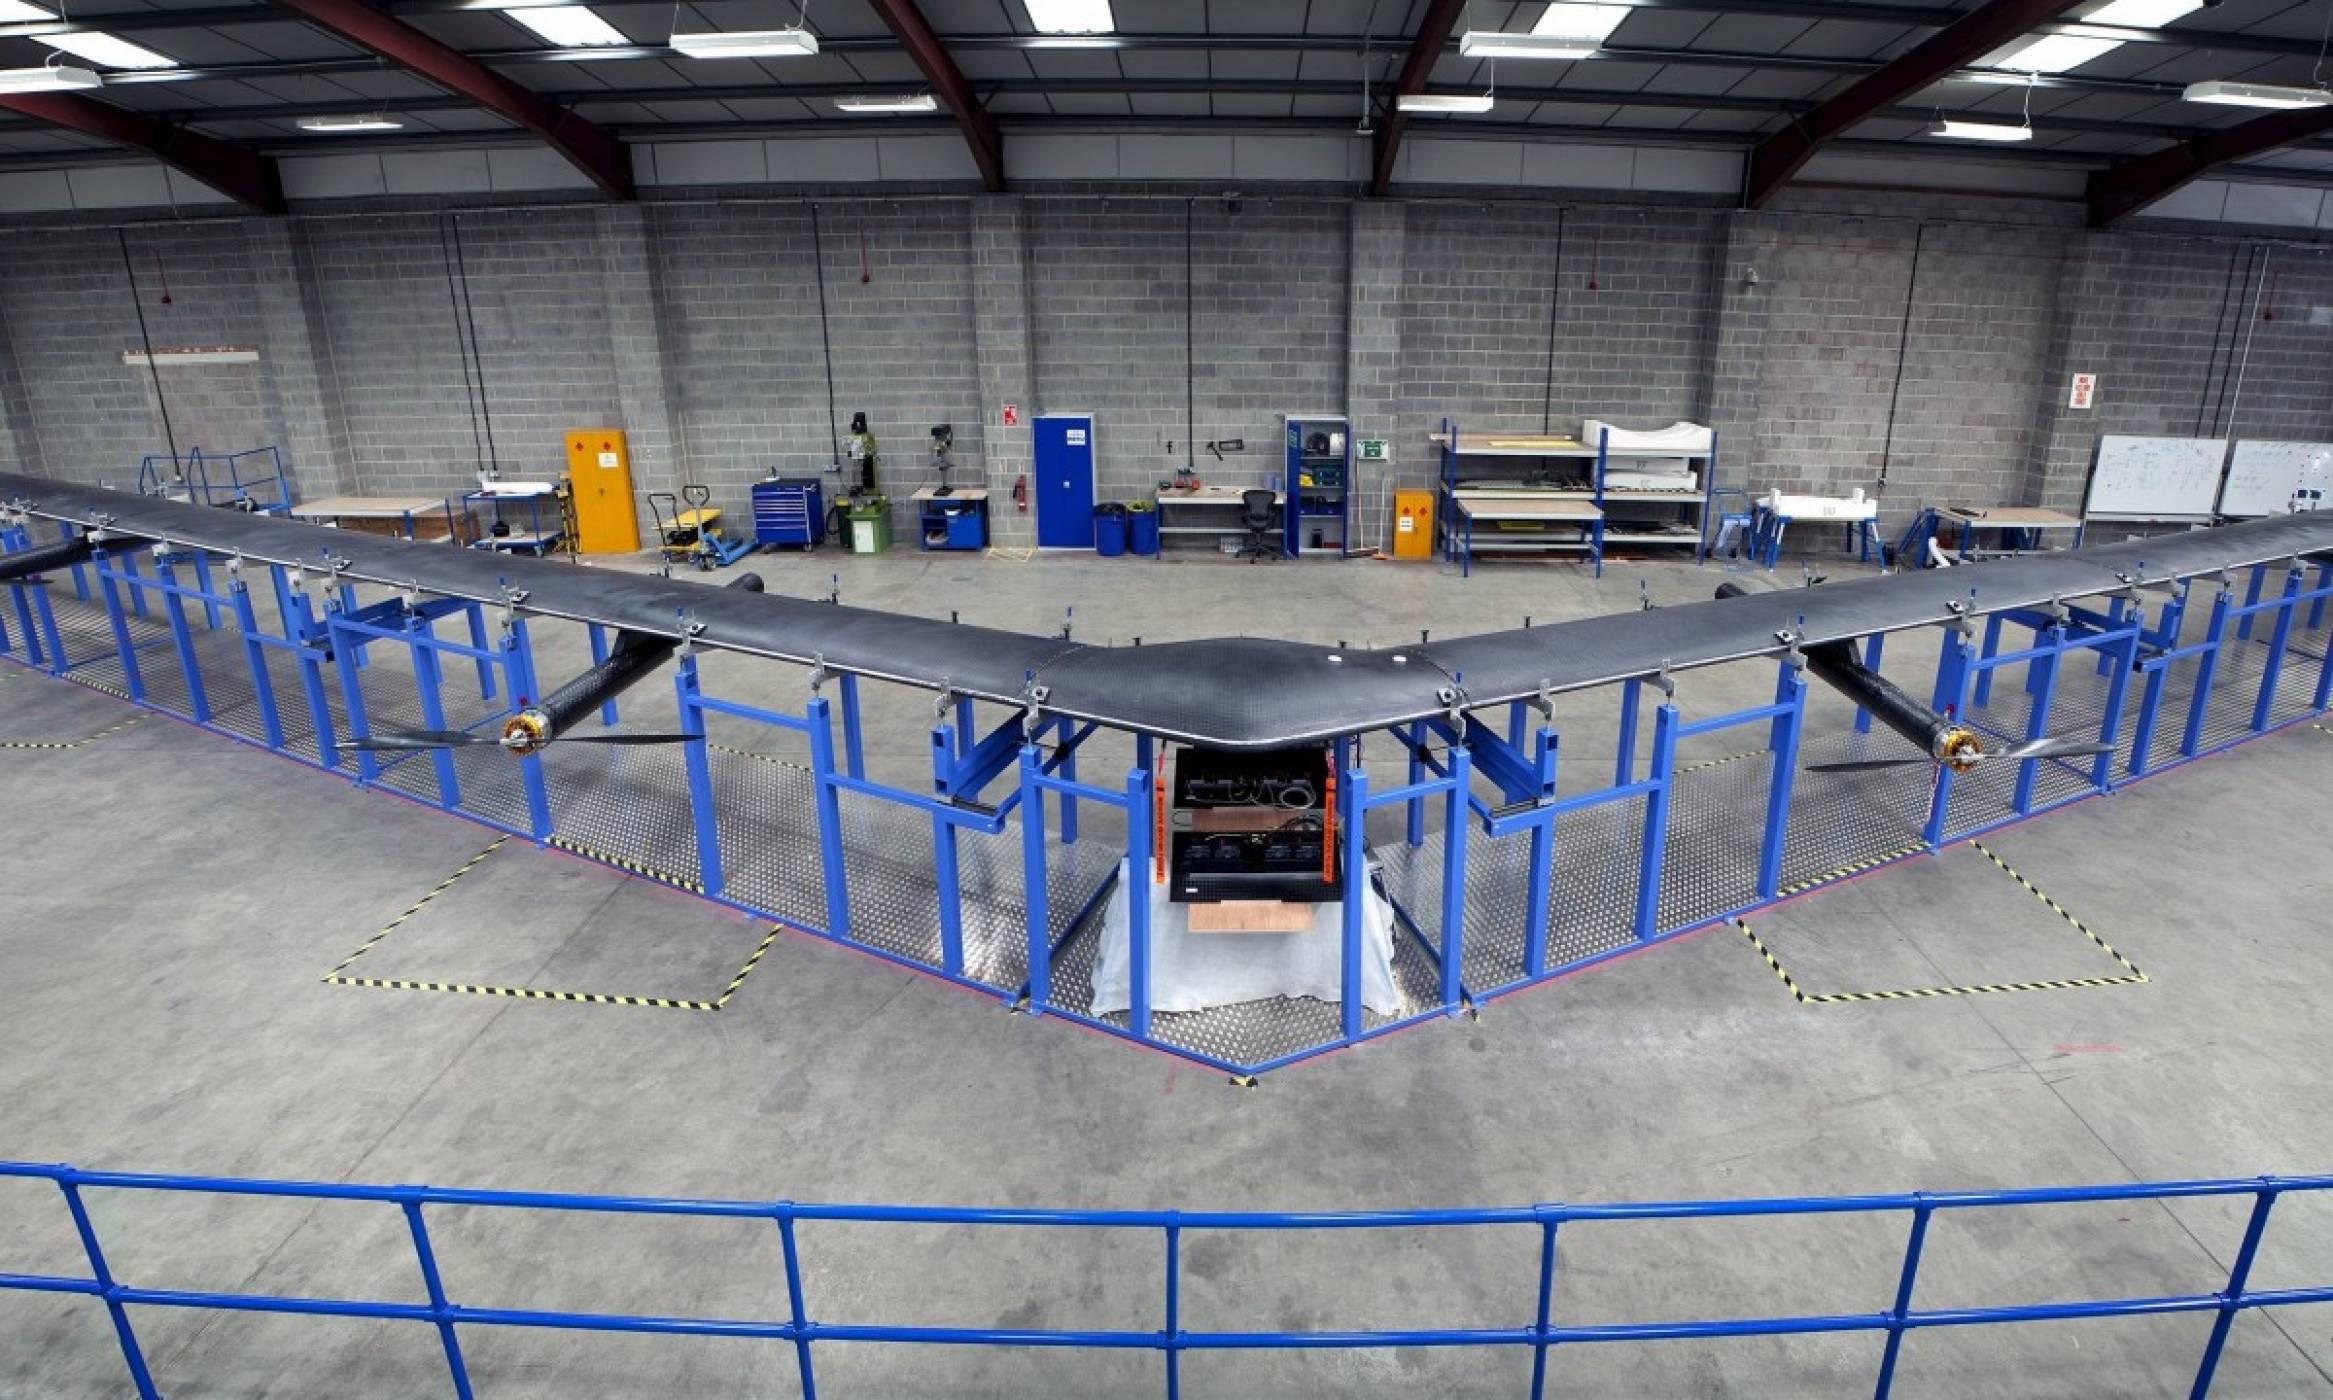 Facebook прекрати проекта си Aquila за огромните интернет дронове